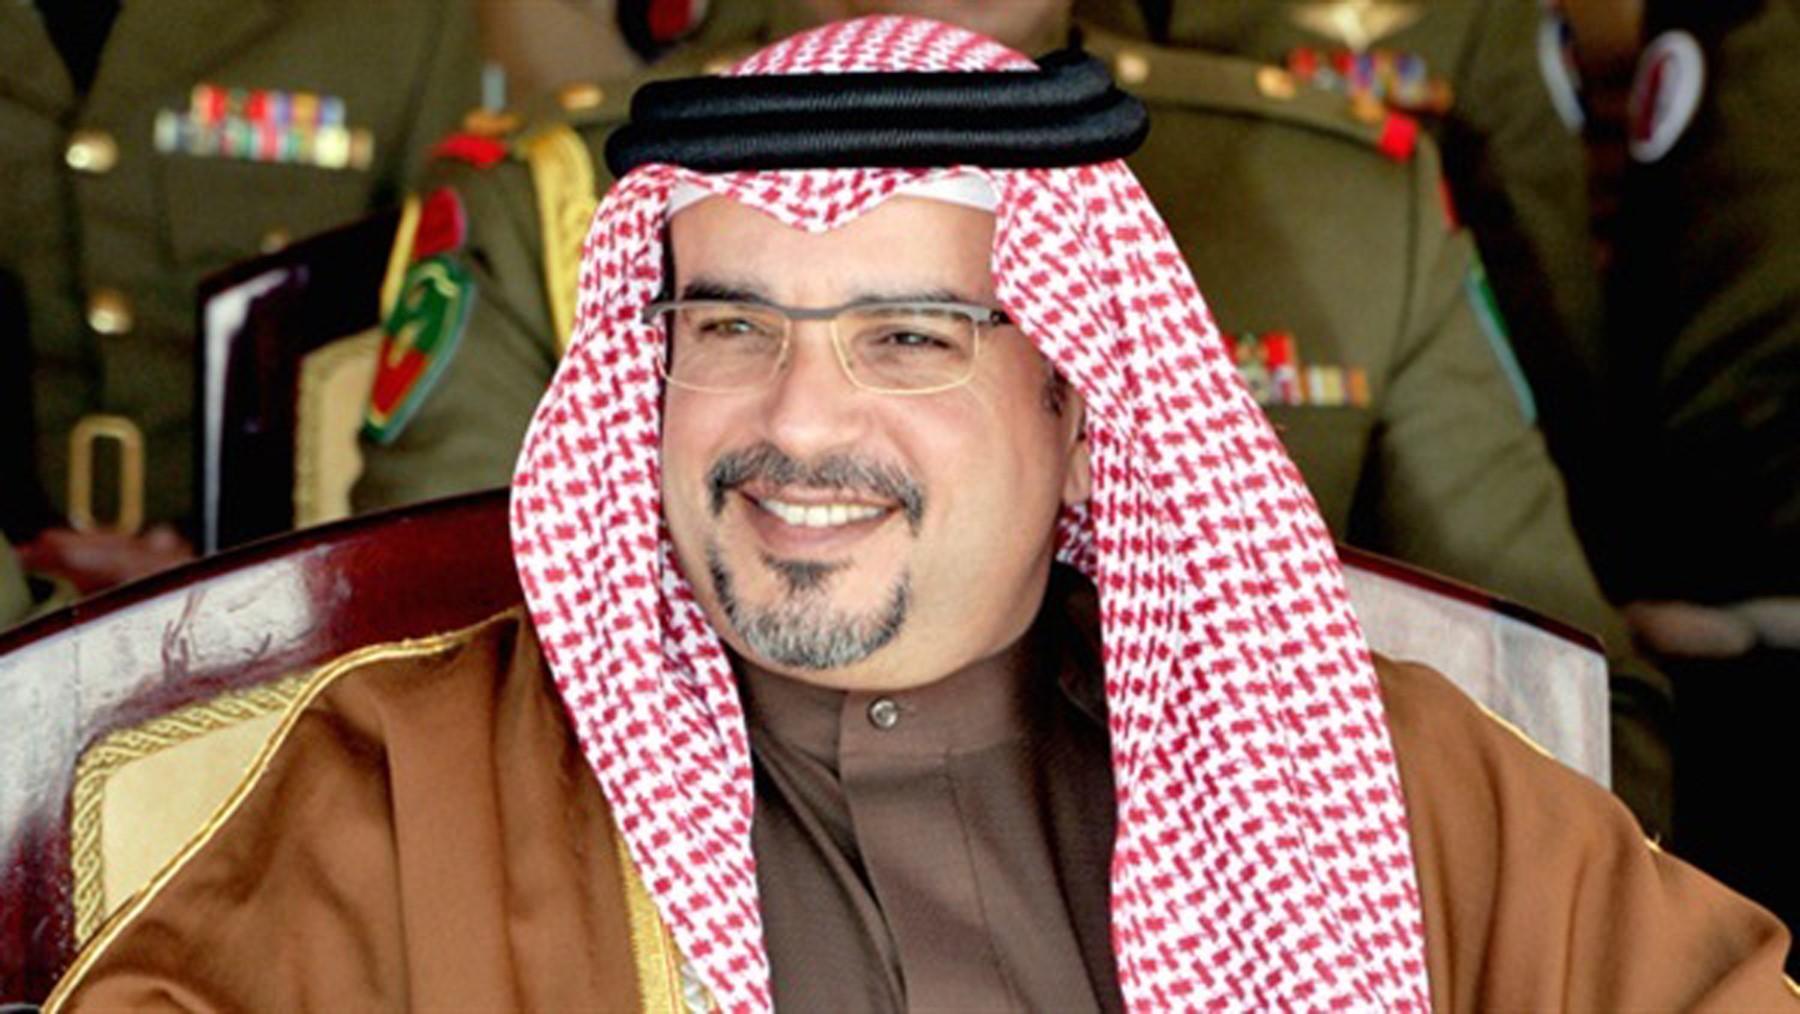 ولي العهد البحريني يبحث مع وزير الدفاع الأمريكي العلاقات الثنائية